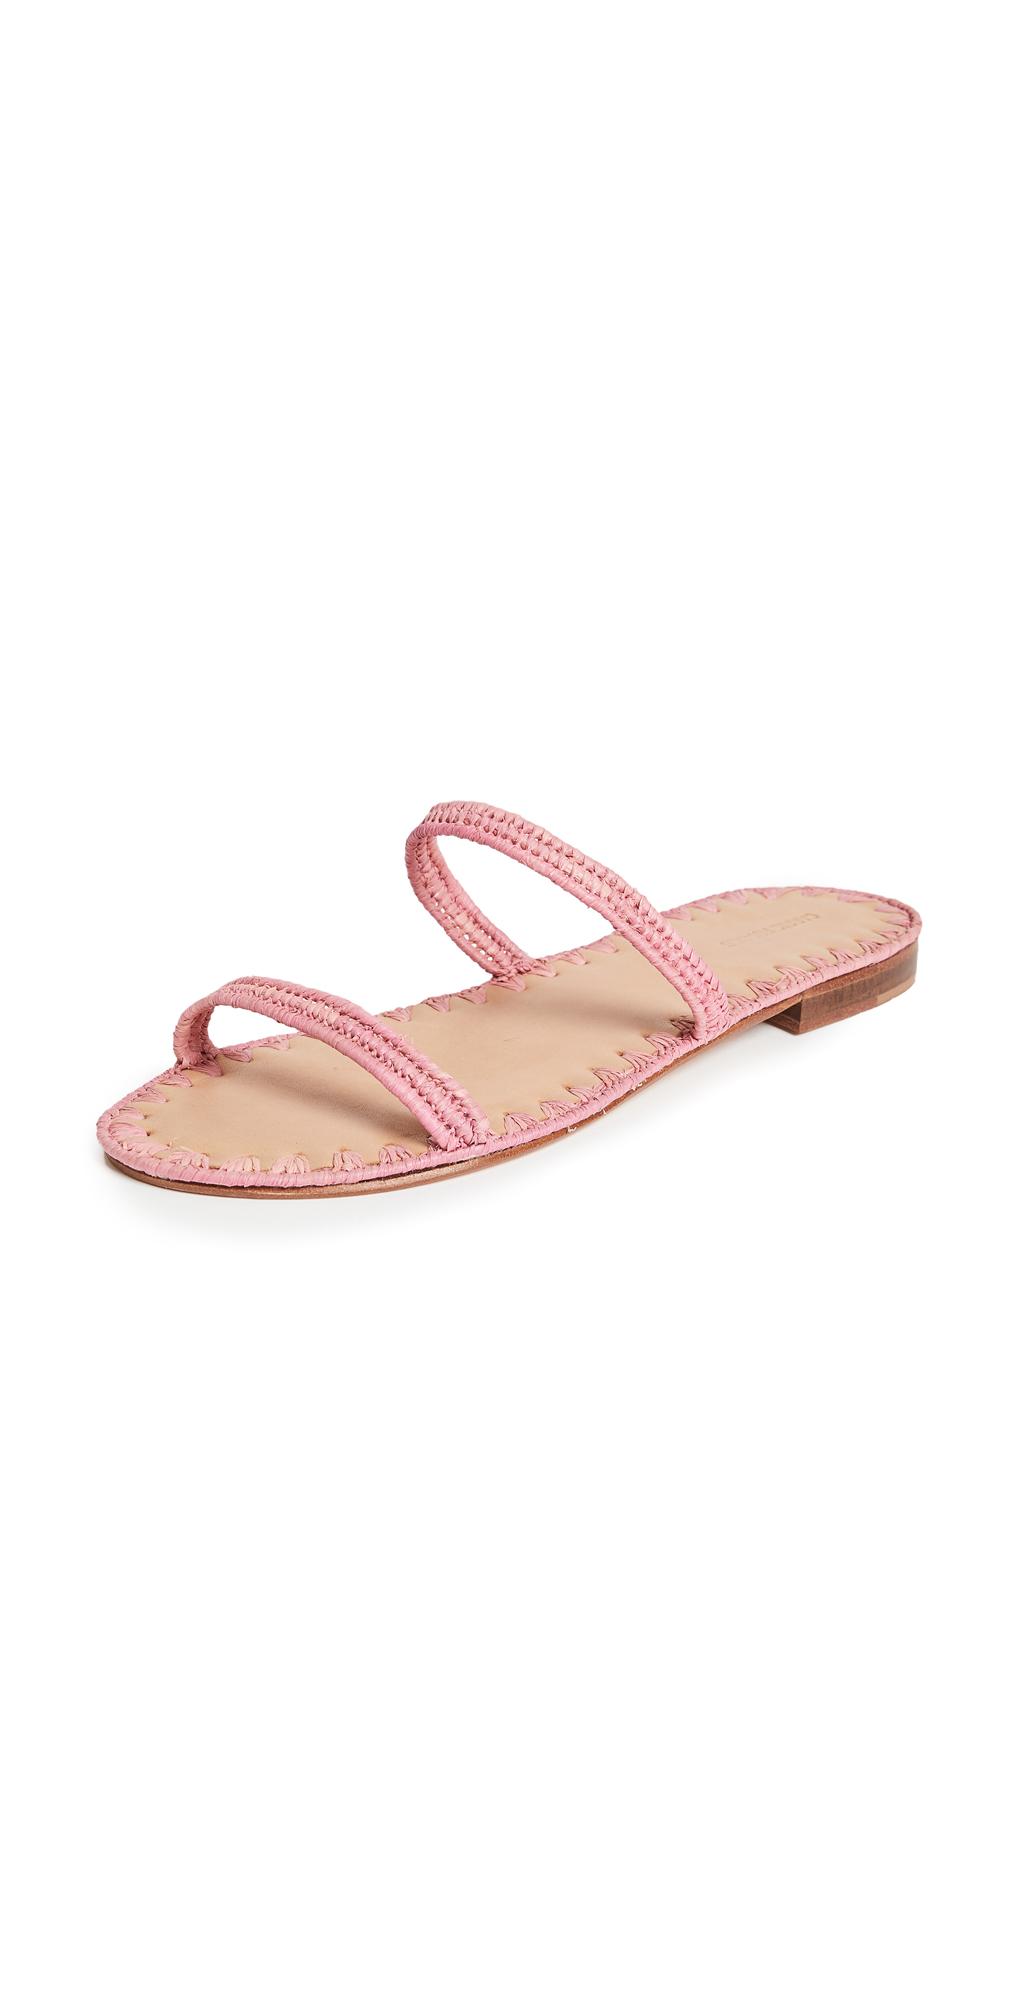 Salam Slide Sandals